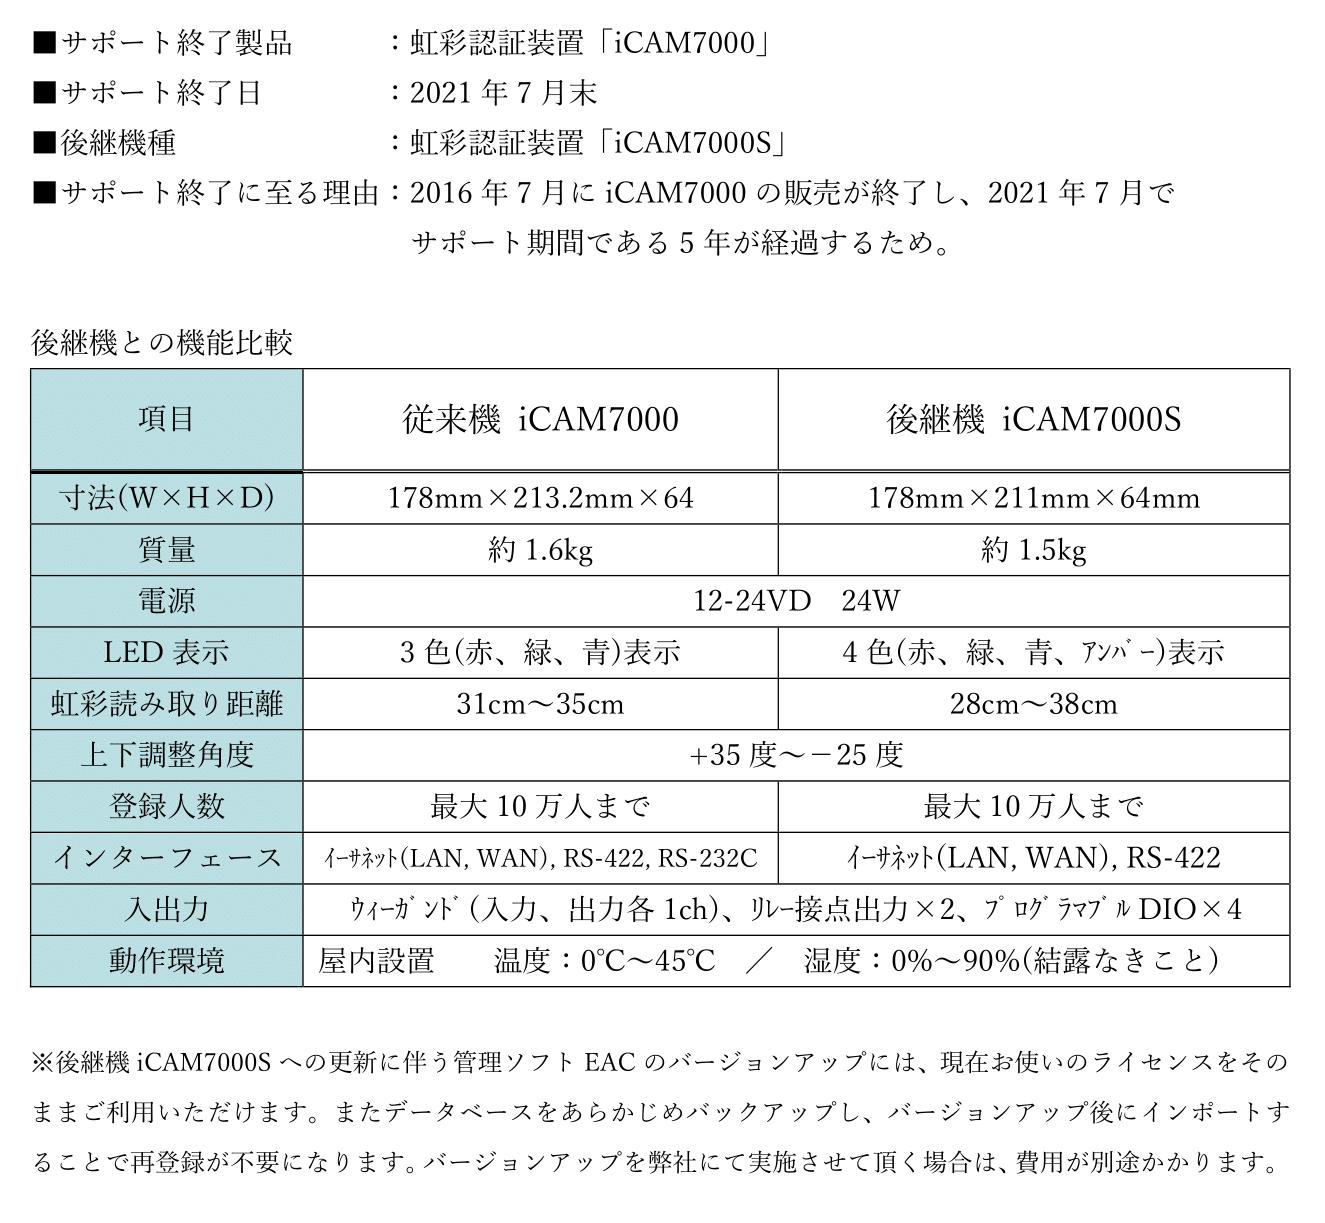 虹彩認証装置「iCAM7000」サポート終了のお知らせ